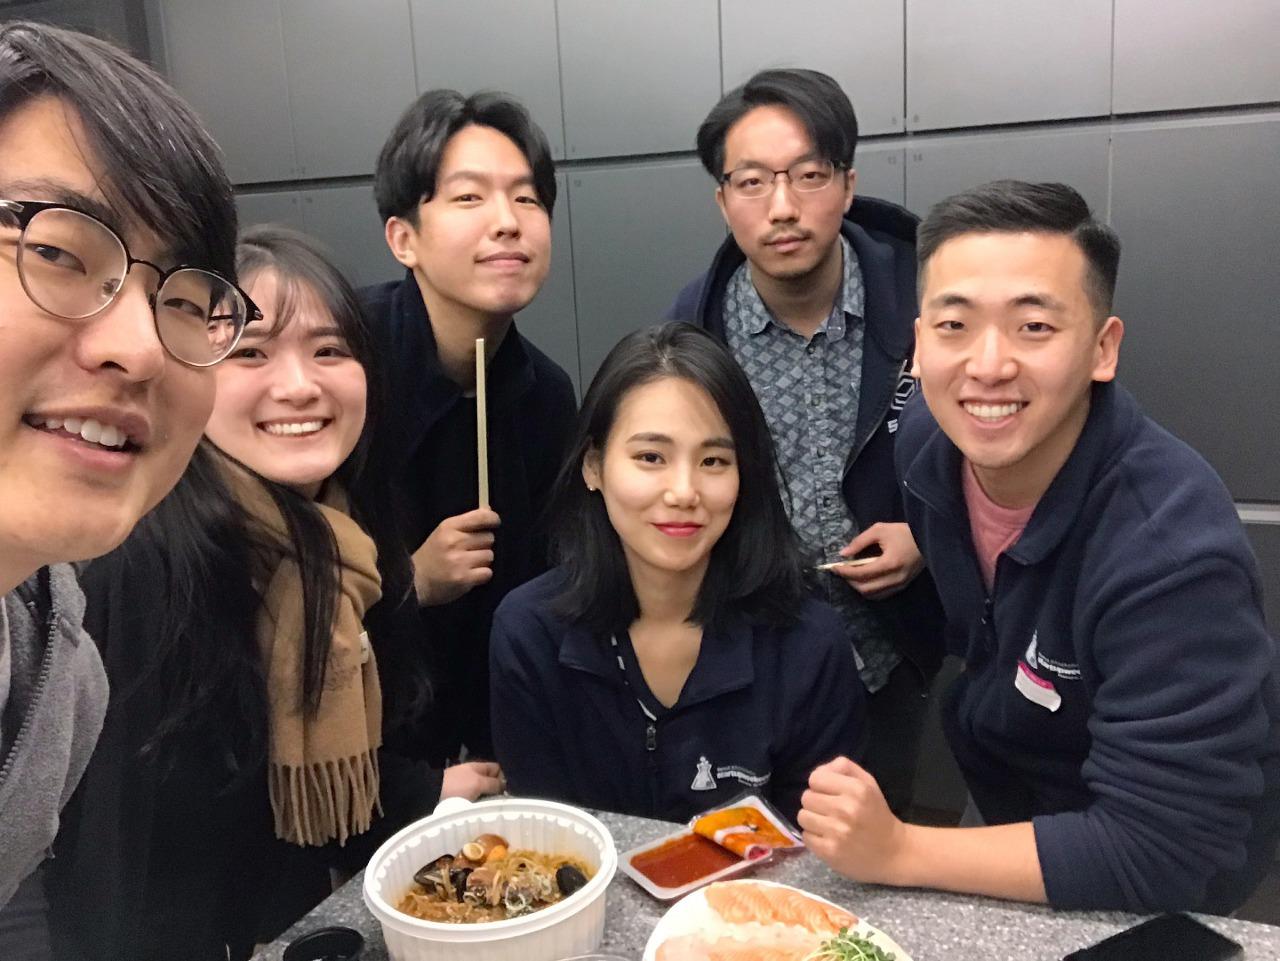 2018 스타트업 위켄드 서울: 블록체인에서 동고동락한 델리펀트 팀과 함께